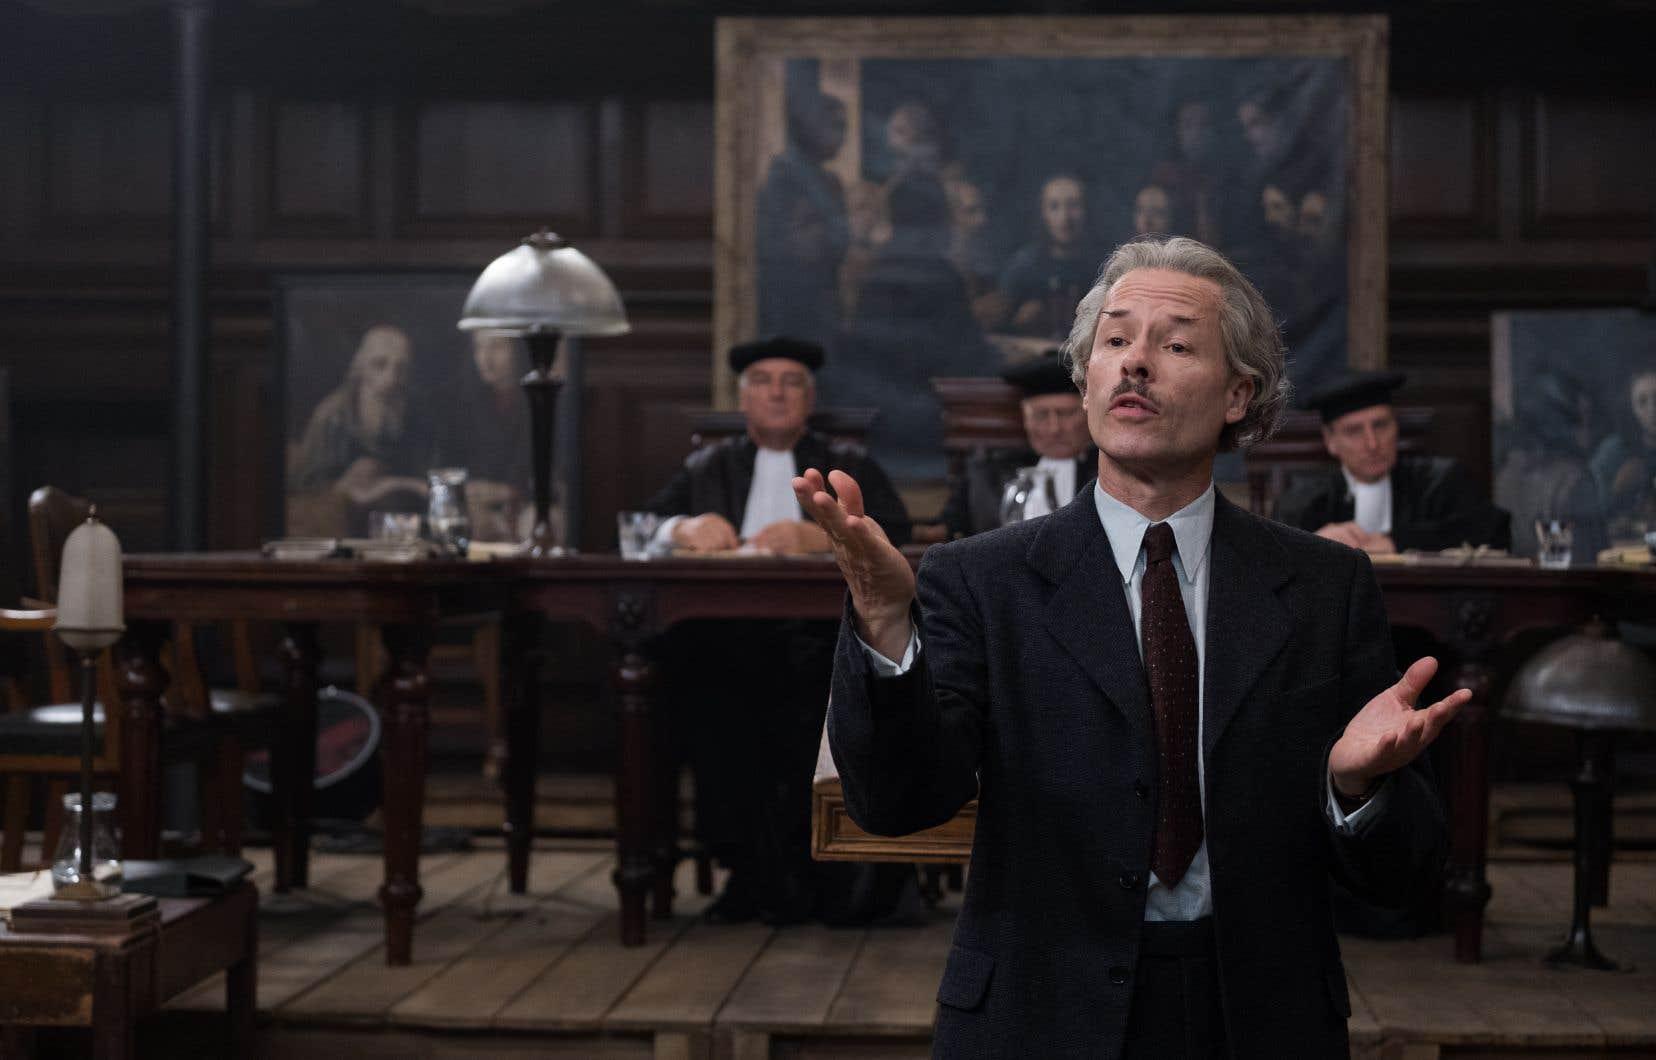 «Pour le rôle de van Meegeren, c'est Ridley [Scott] qui m'a suggéré Guy Pearce (notre photo) en me vantant son talent et sa nature agréable sur un plateau», lance le réalisateur Dan Friedkin.